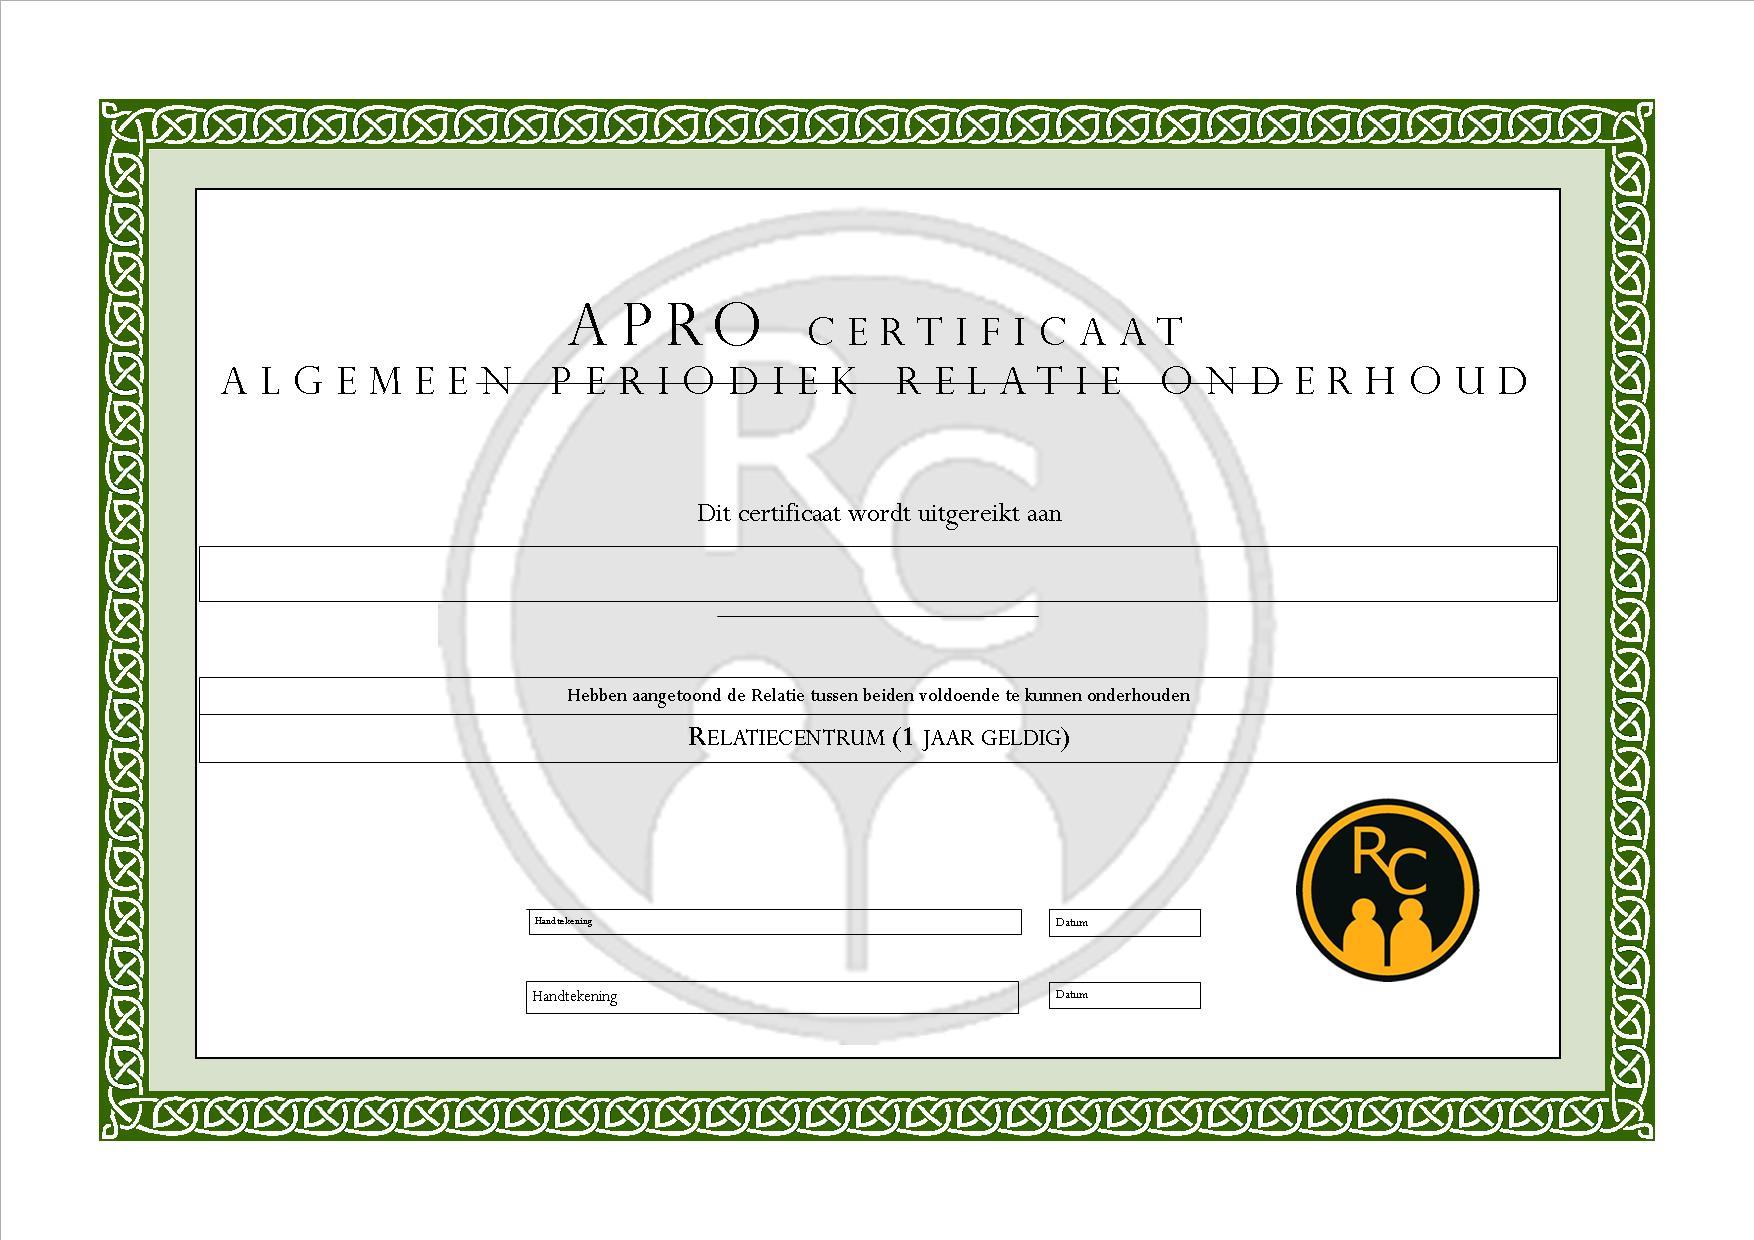 APRO-certificaat